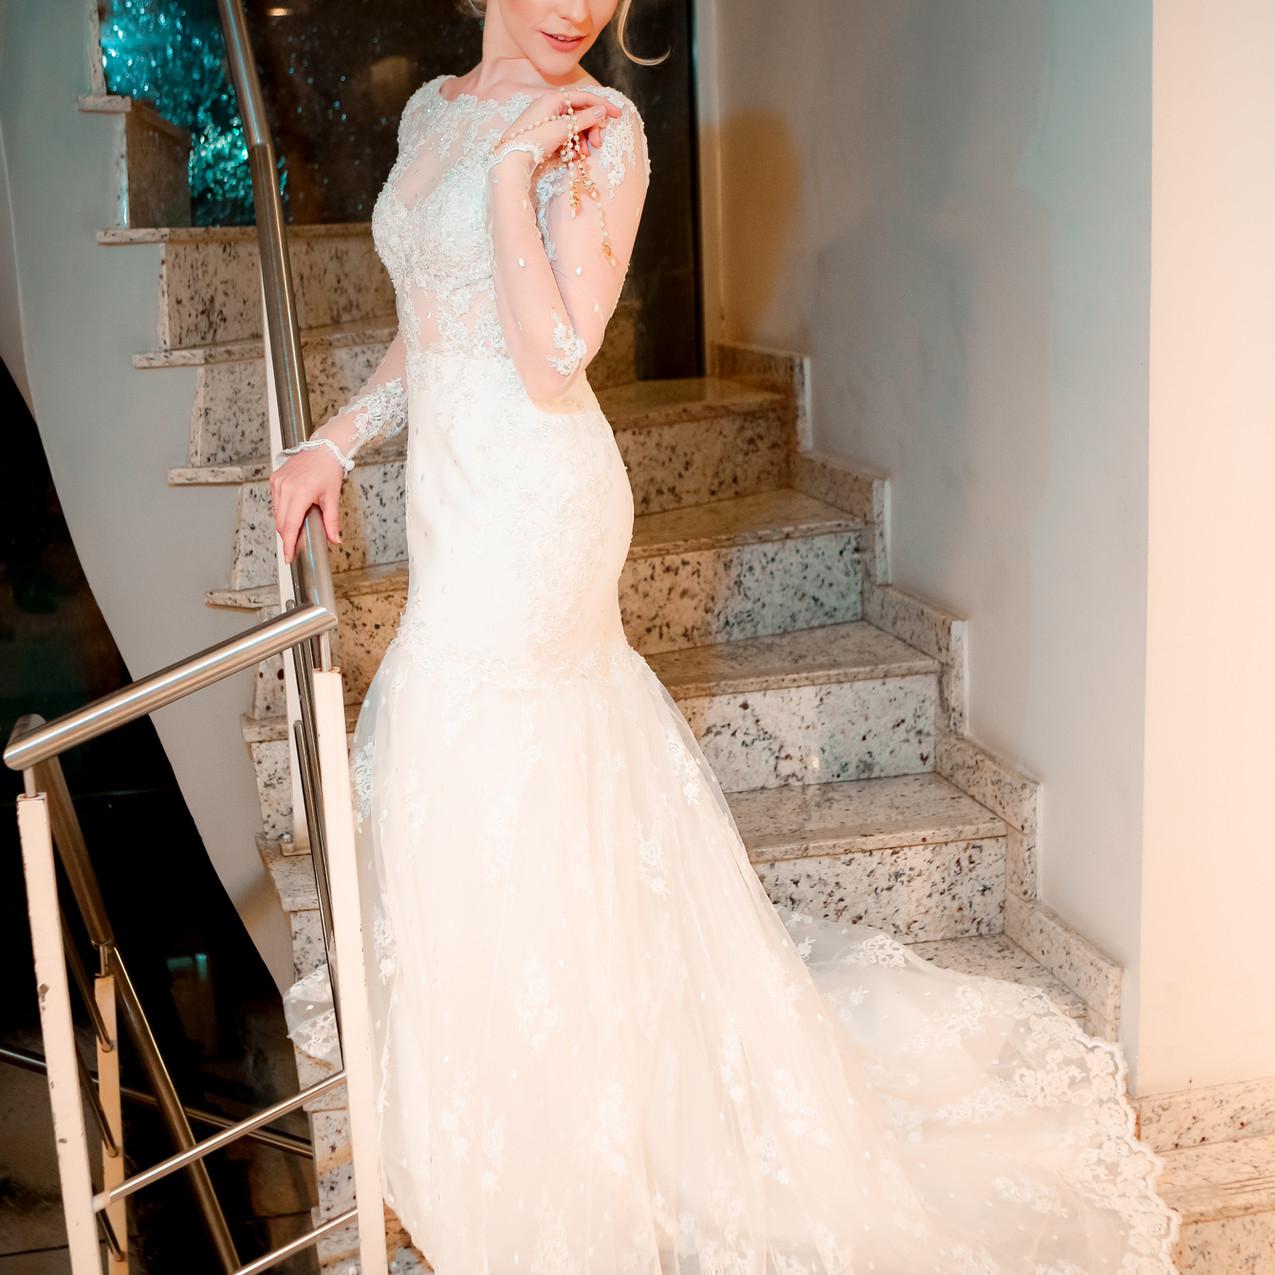 BeR-0186-fotografo-casamento-wedding-gotadagua-rustico-brunaeraul-boho-diy-portoalegre-daniel-martins